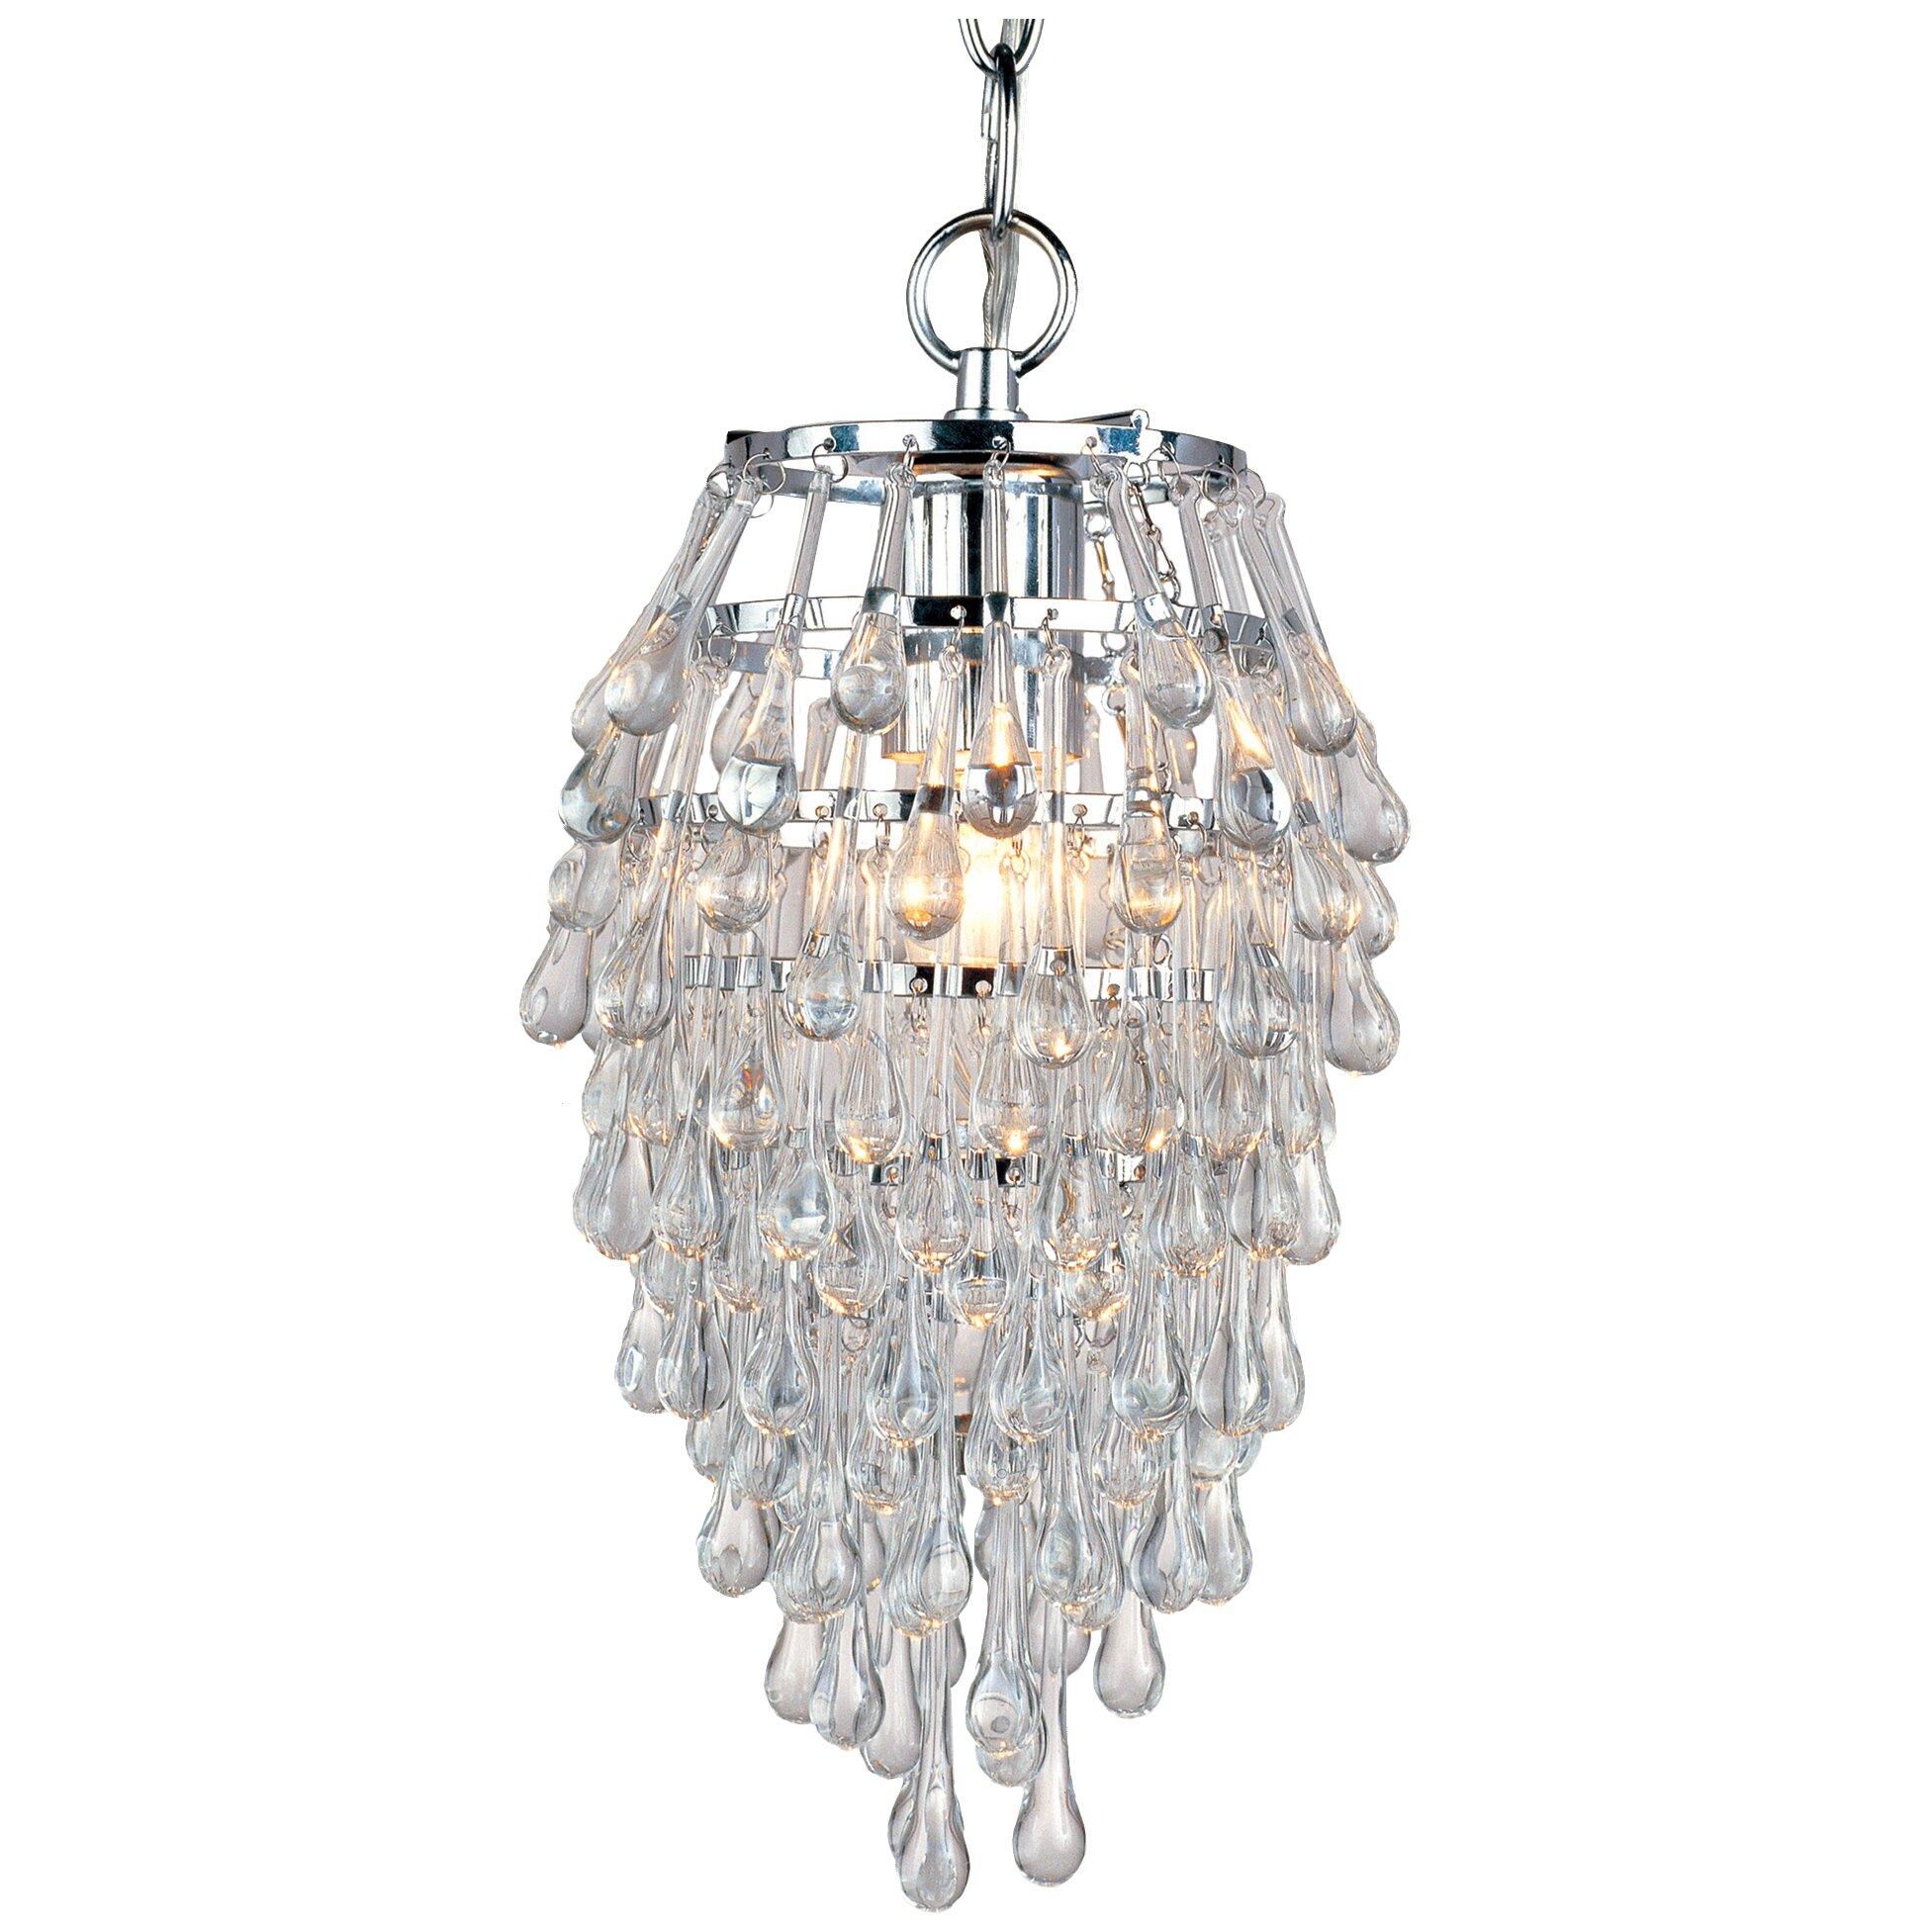 AF Lighting Elements Crystal Teardrop 1 Light Mini Chandelier Reviews